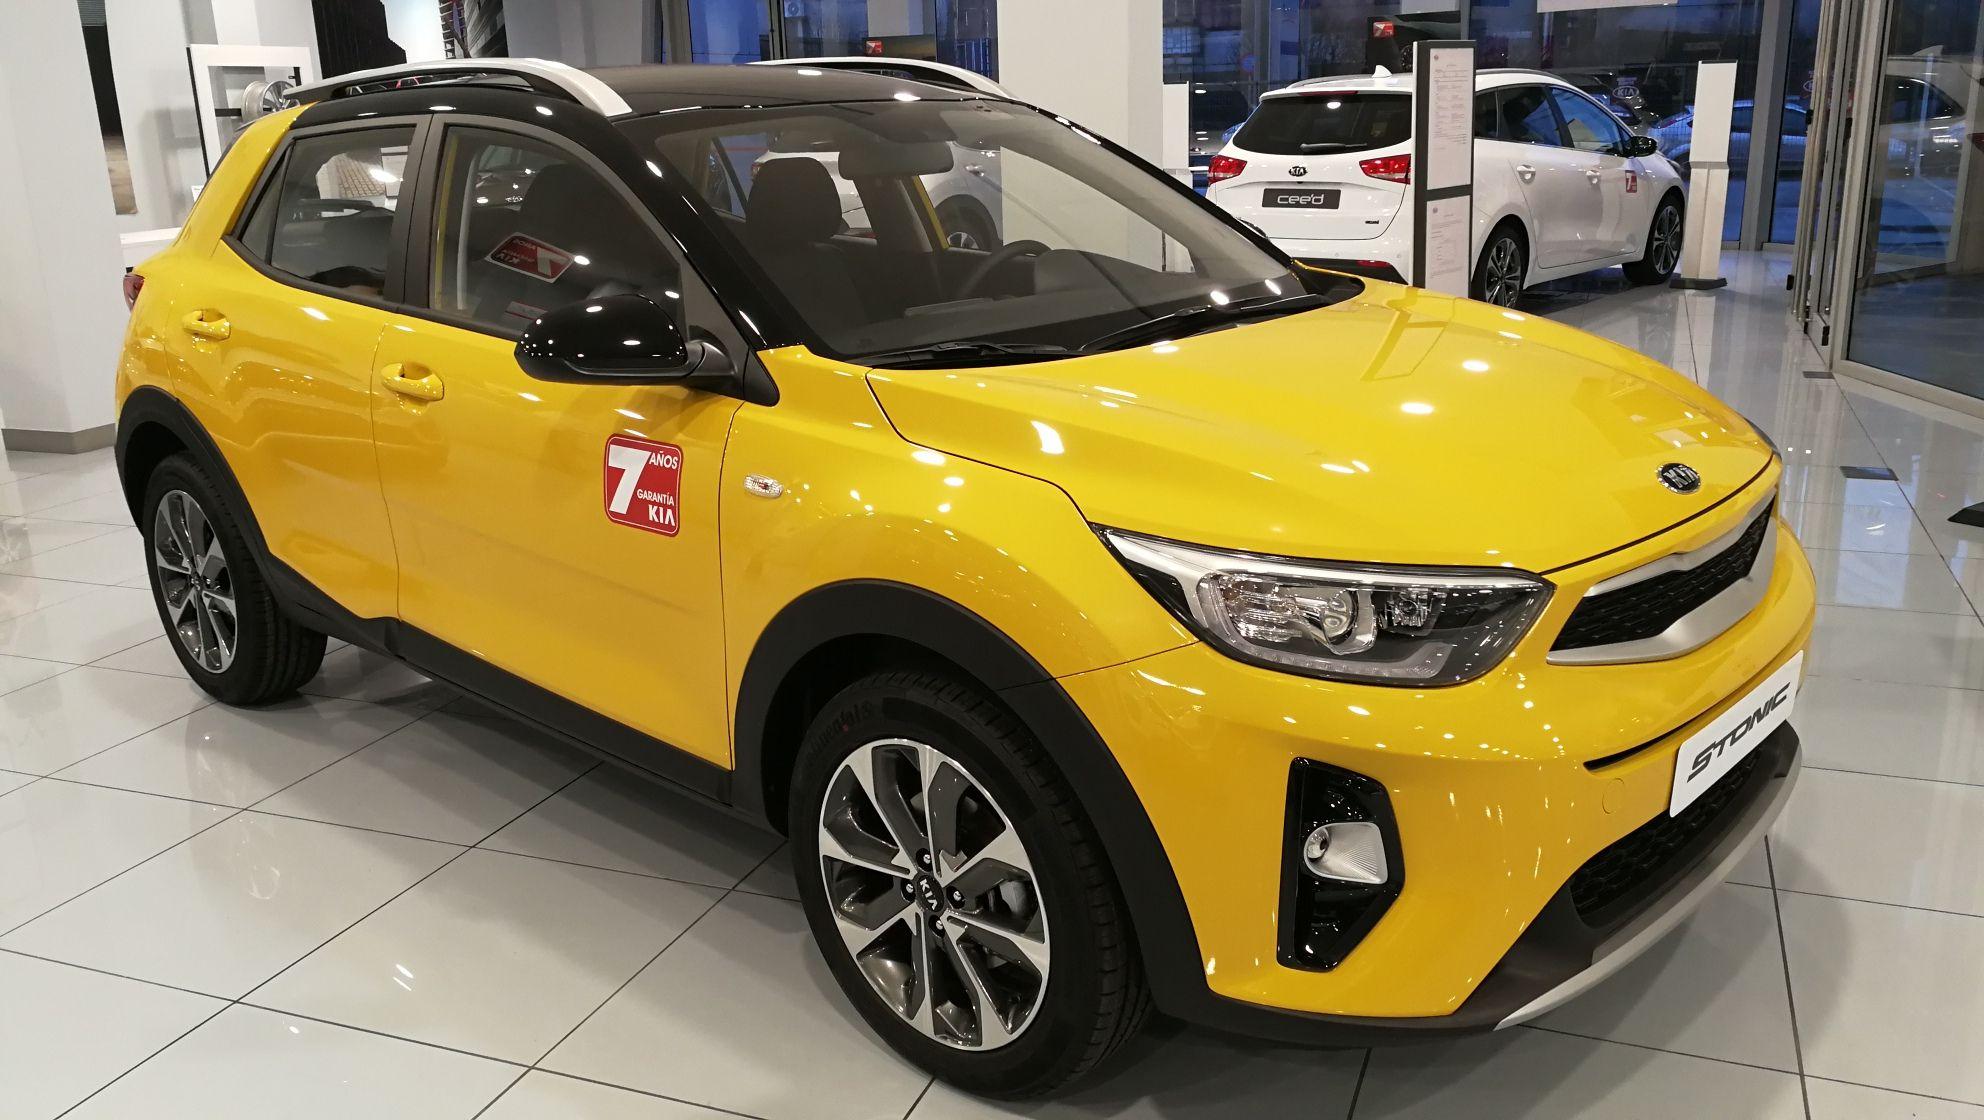 El Nuevo SUV urbano de Kia, el Kia Stonic, ya con nosotros...